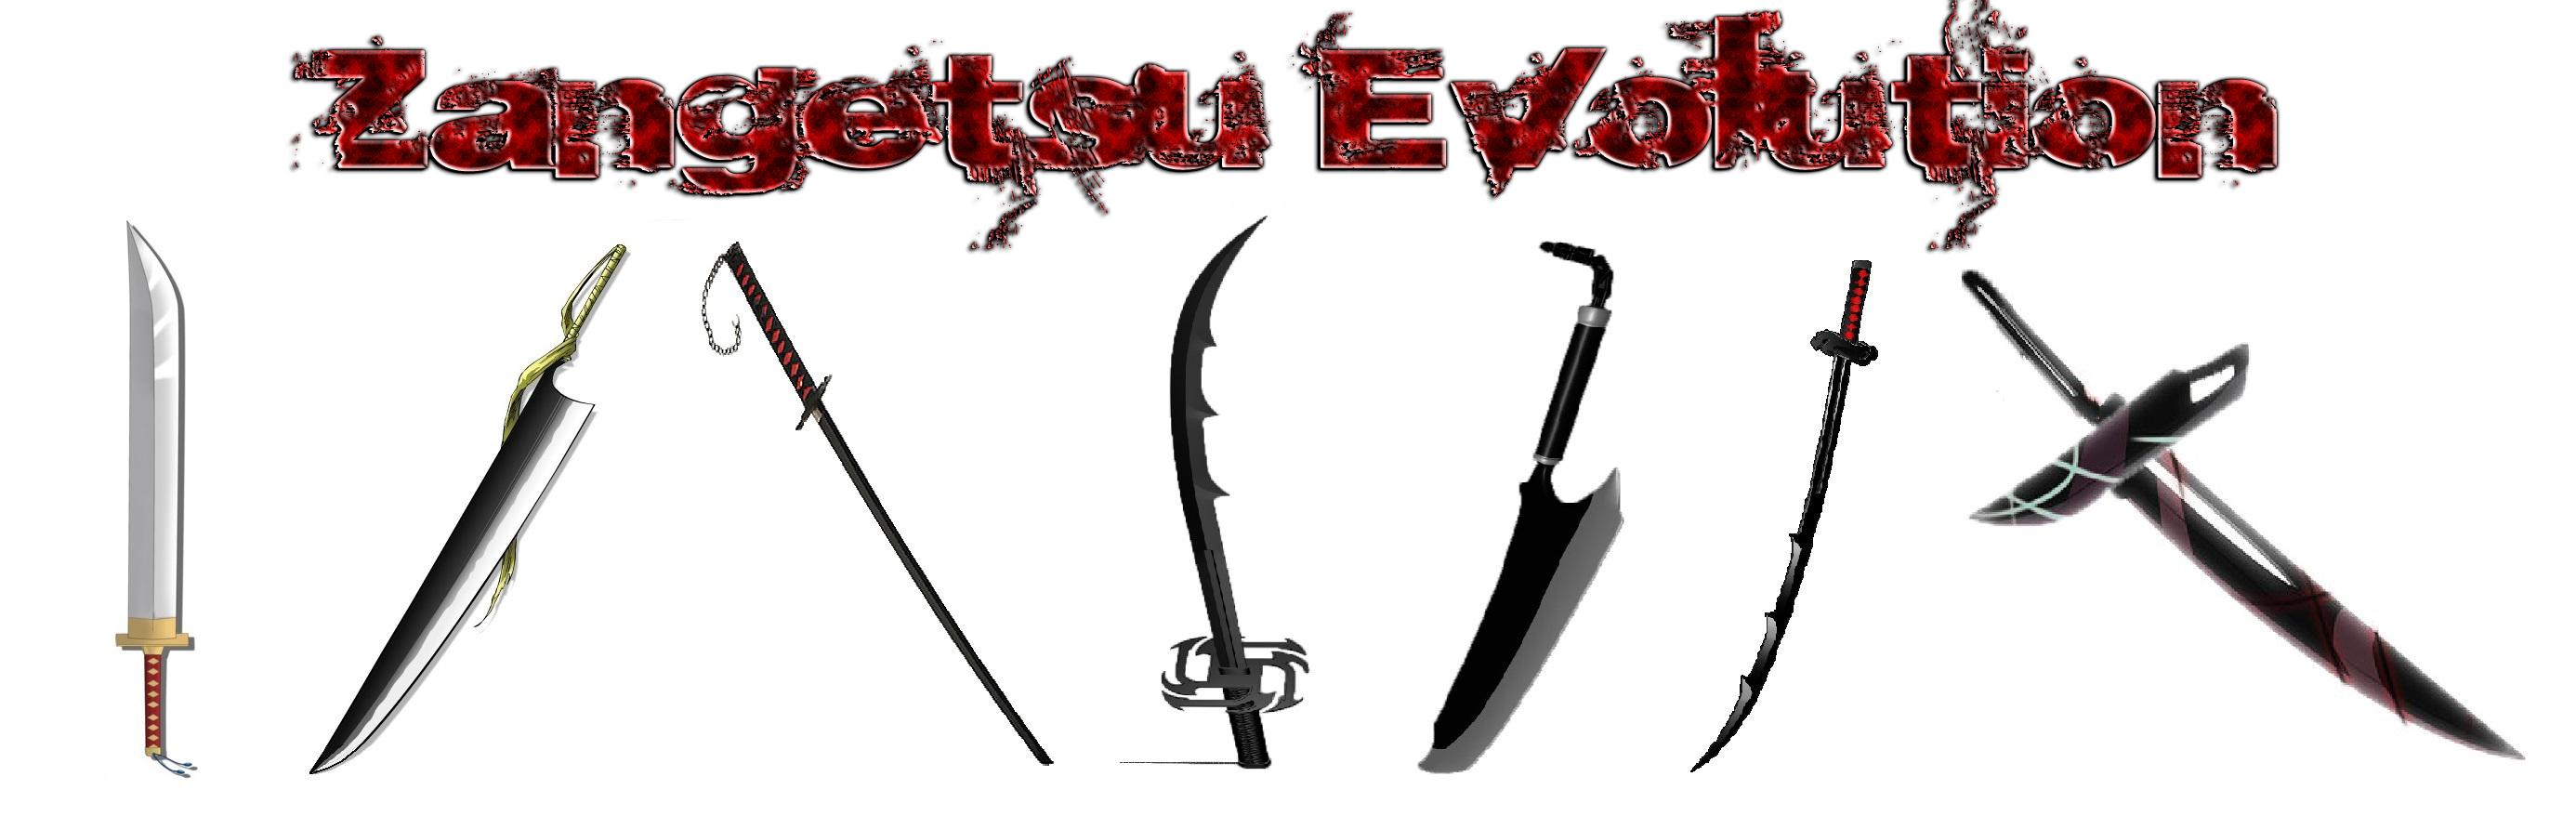 Hollow Tensa Zangetsu Wallpaper Zangetsu Evolution by ...